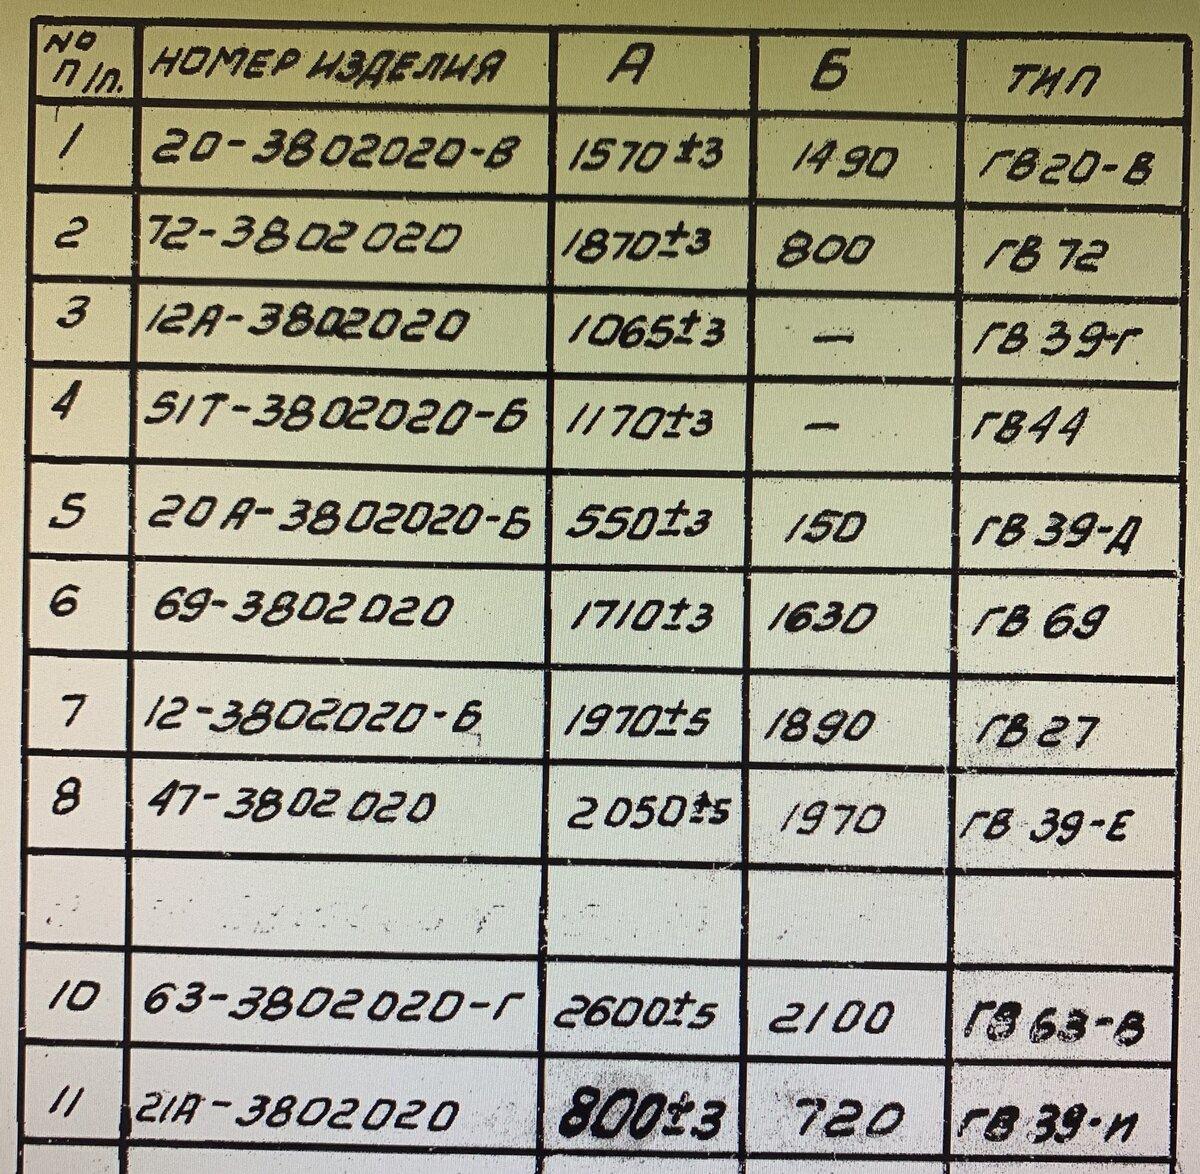 12C7A886-3D7C-476E-8F16-358CEF92D82C.jpeg